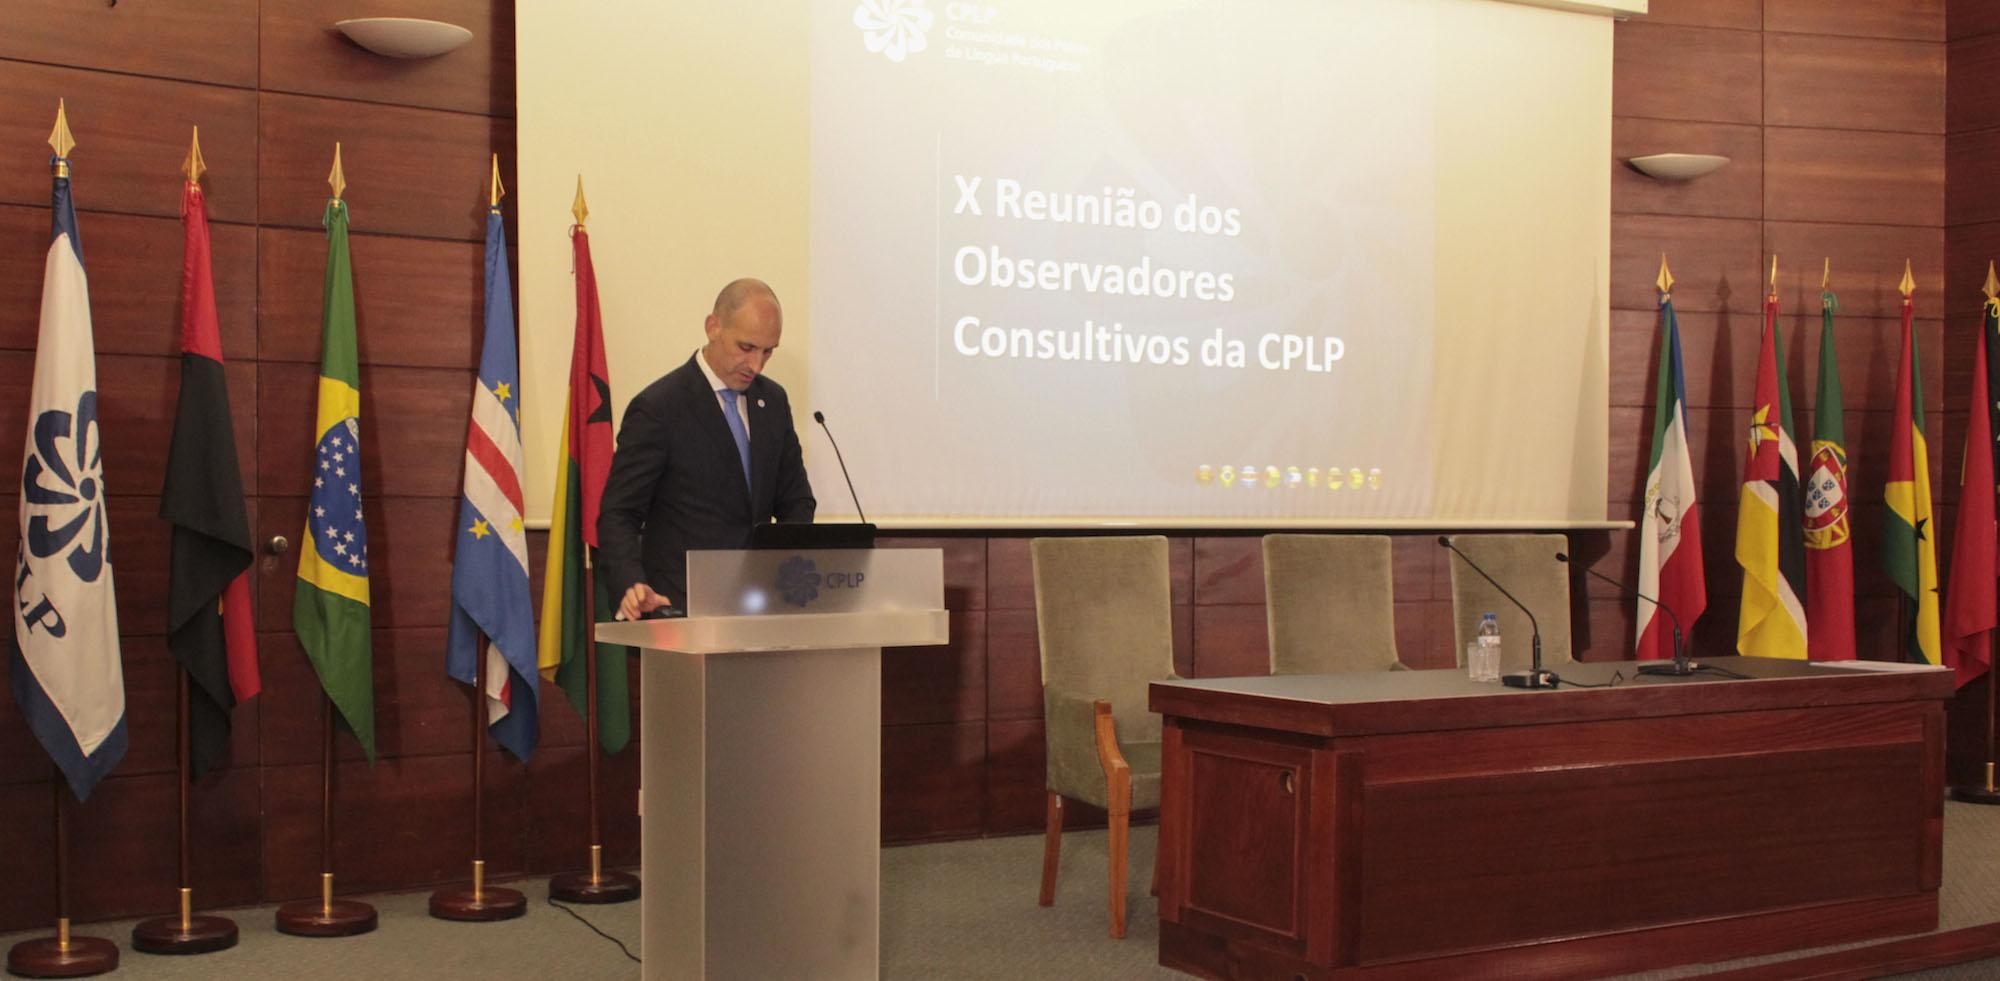 CPLP/Cimeira: Oito instituições recebem o estatuto de observador consultivo